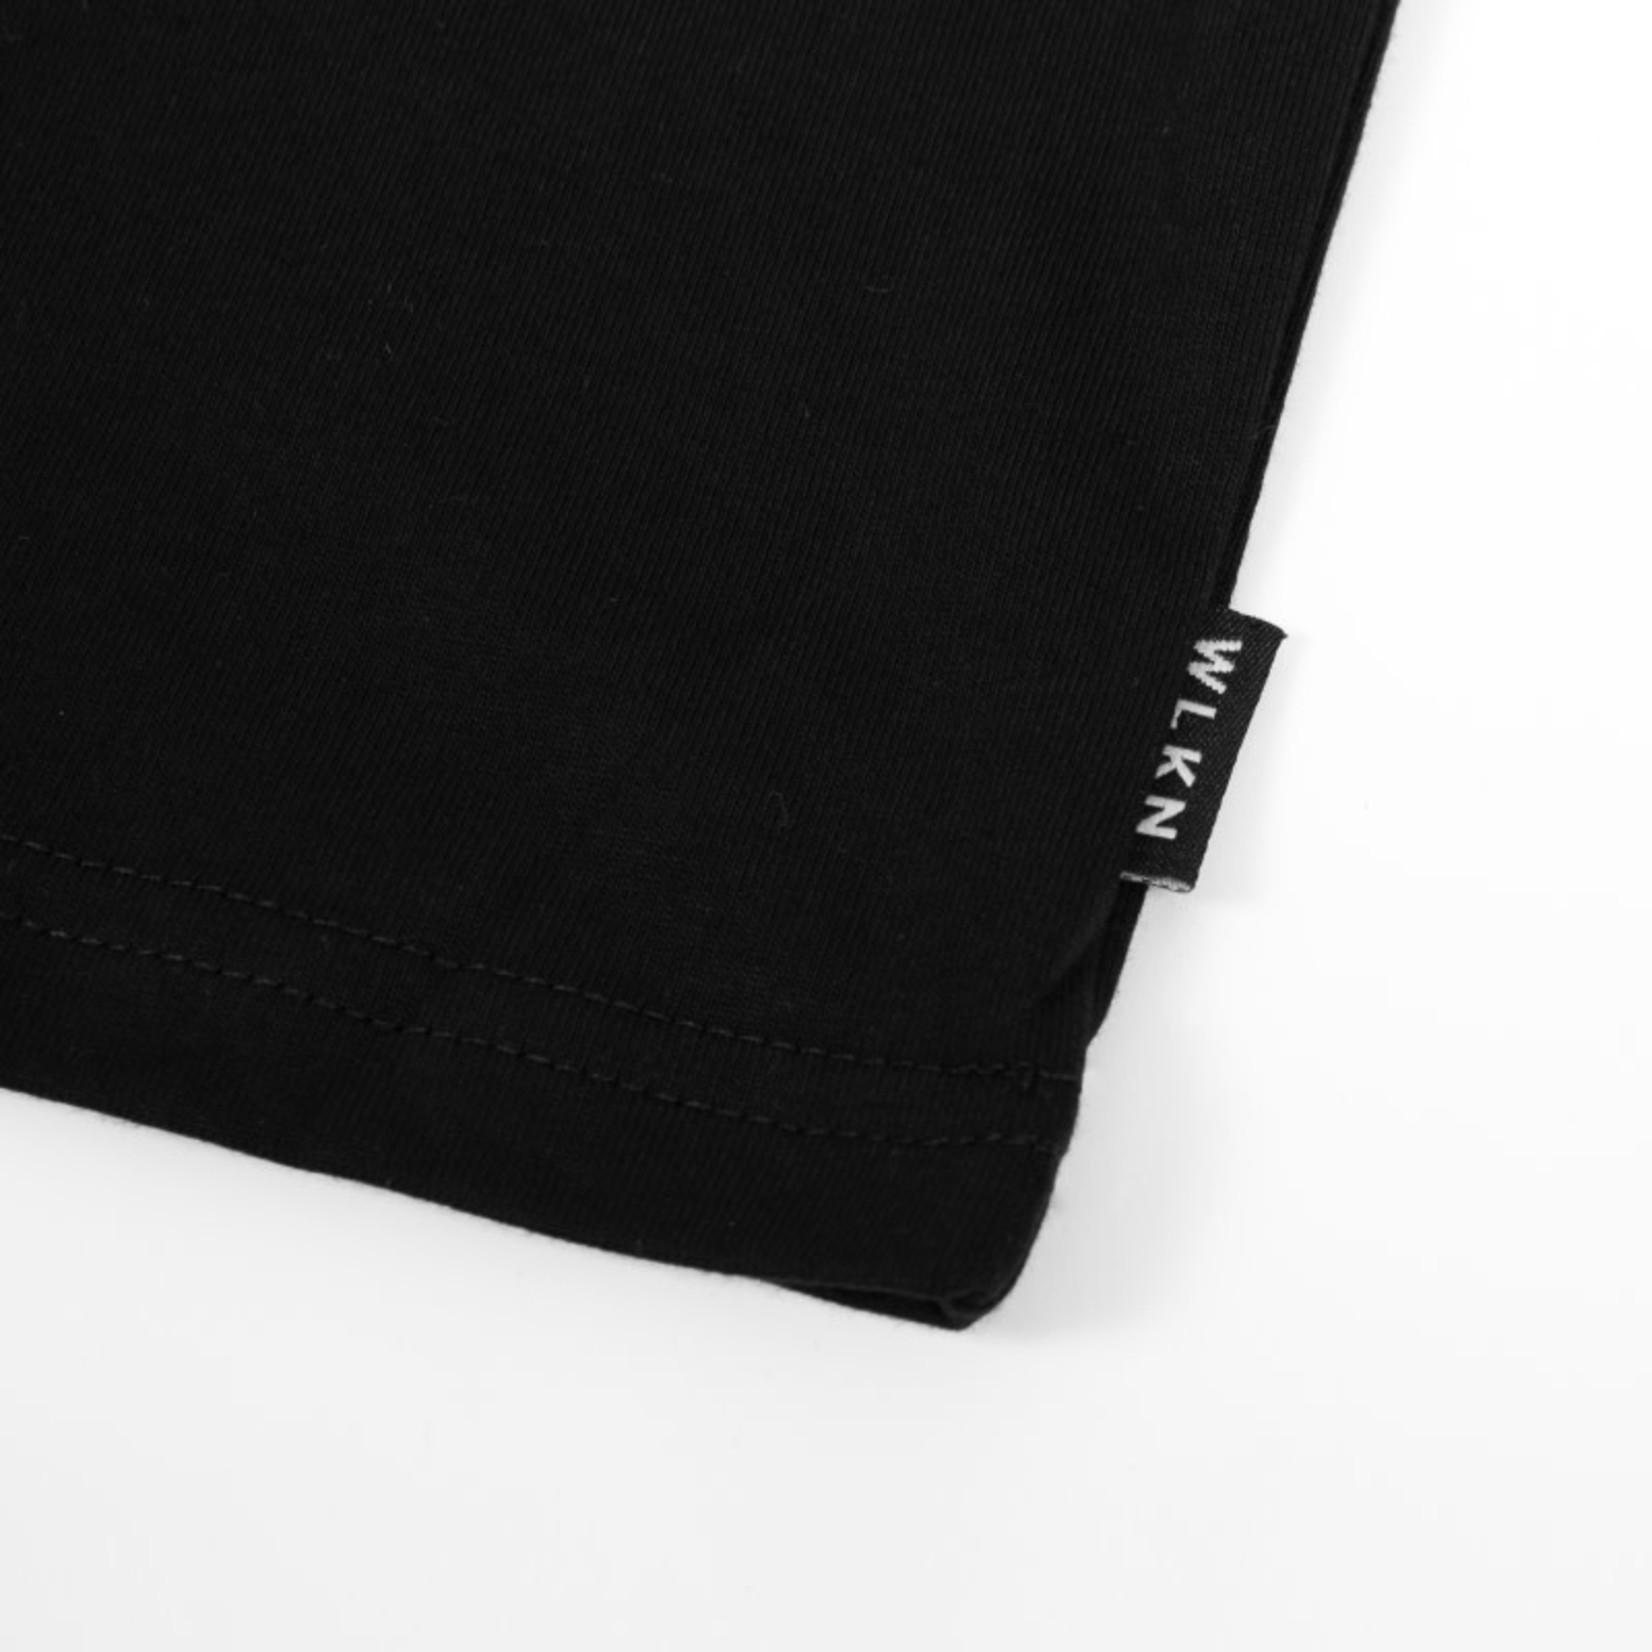 WLKN WLKN : Junior Basic T-Shirt